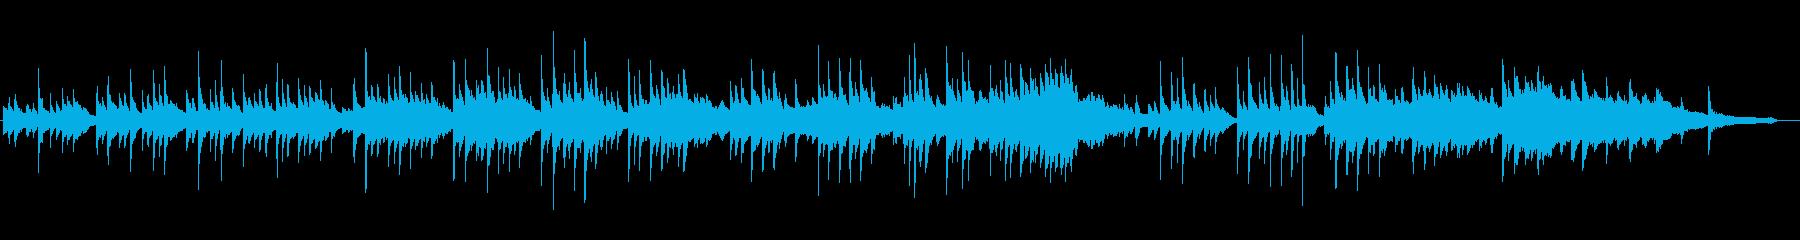 日本的な旋律のピアノソロ曲の再生済みの波形